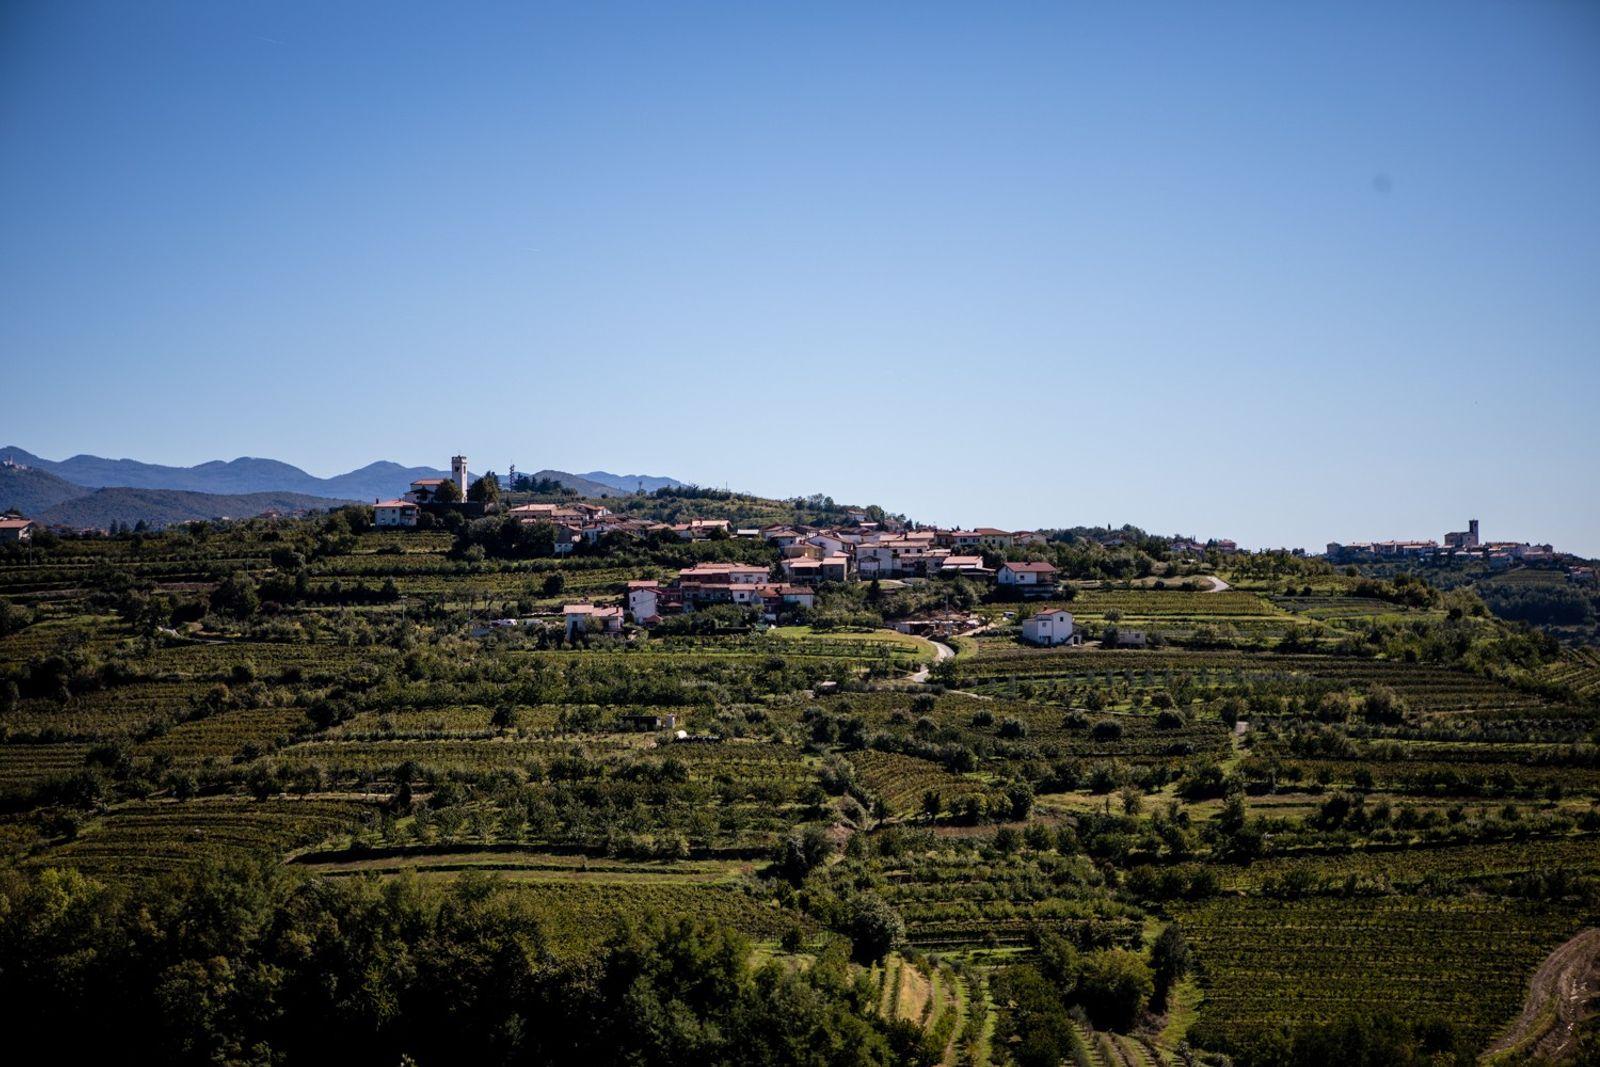 Les collines vallonnées qui entourent le vignoble d'Erzetič ainsi que le village de Višnjevik rappellent les ...